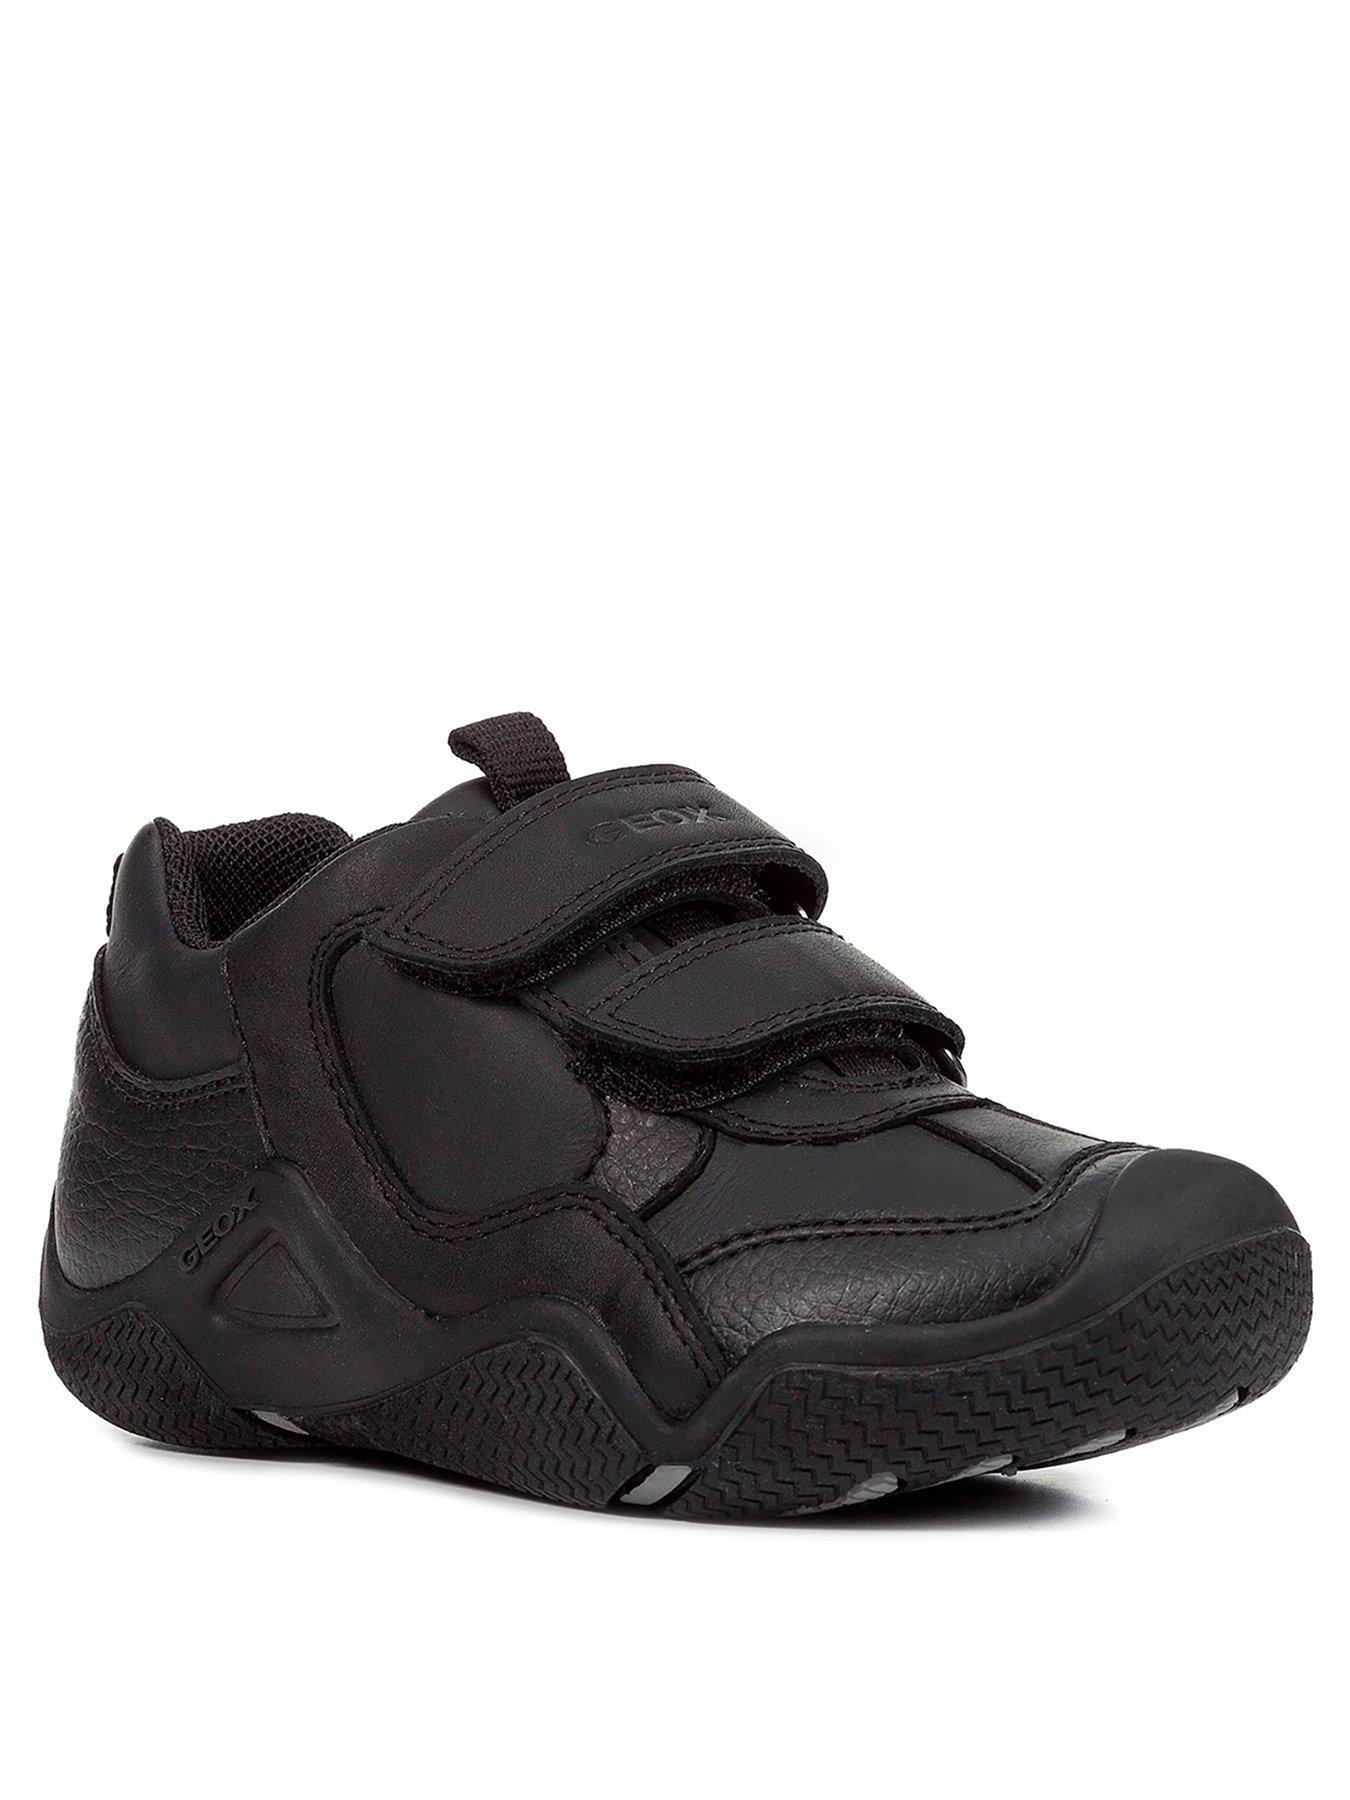 geox school shoes Hot sale, GEOX Denim trousers Blue men